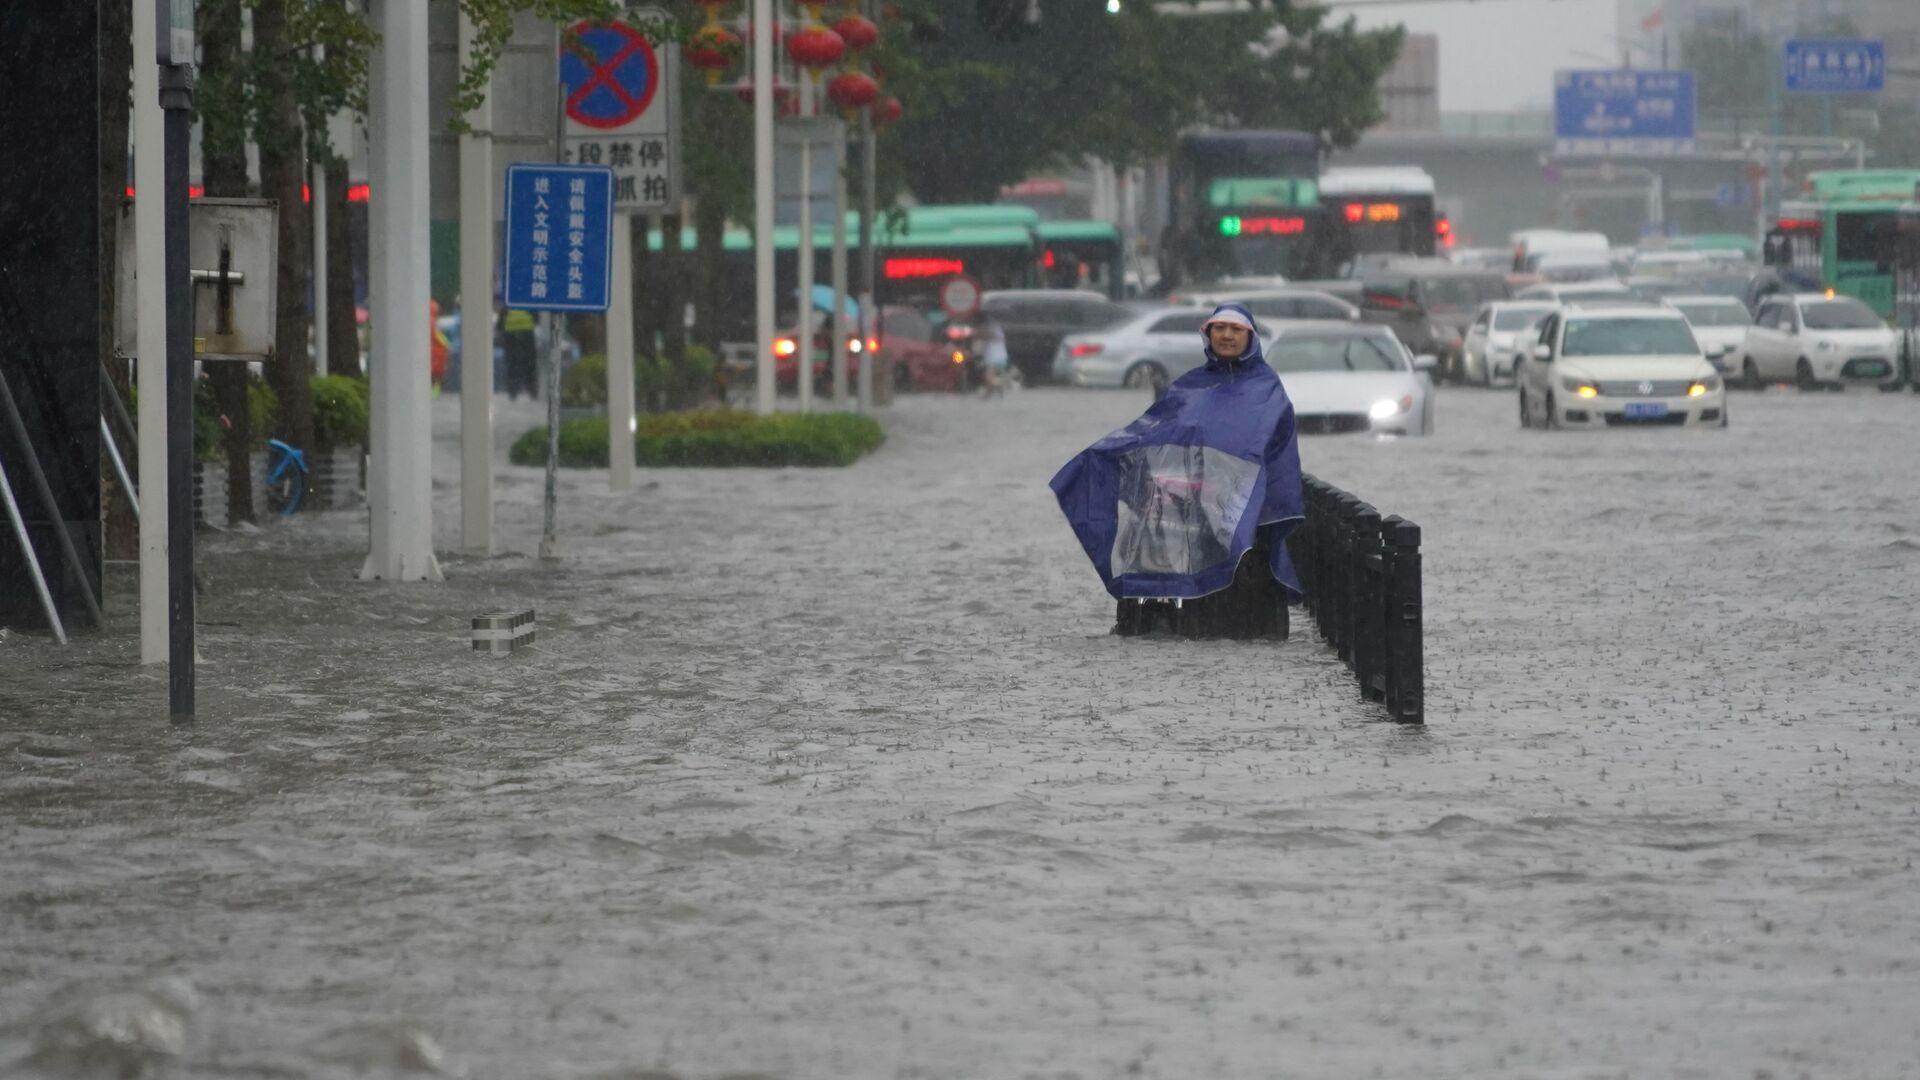 Mieszkaniec na zalanej ulicy w chińskiej prowincji Henan - Sputnik Polska, 1920, 22.07.2021